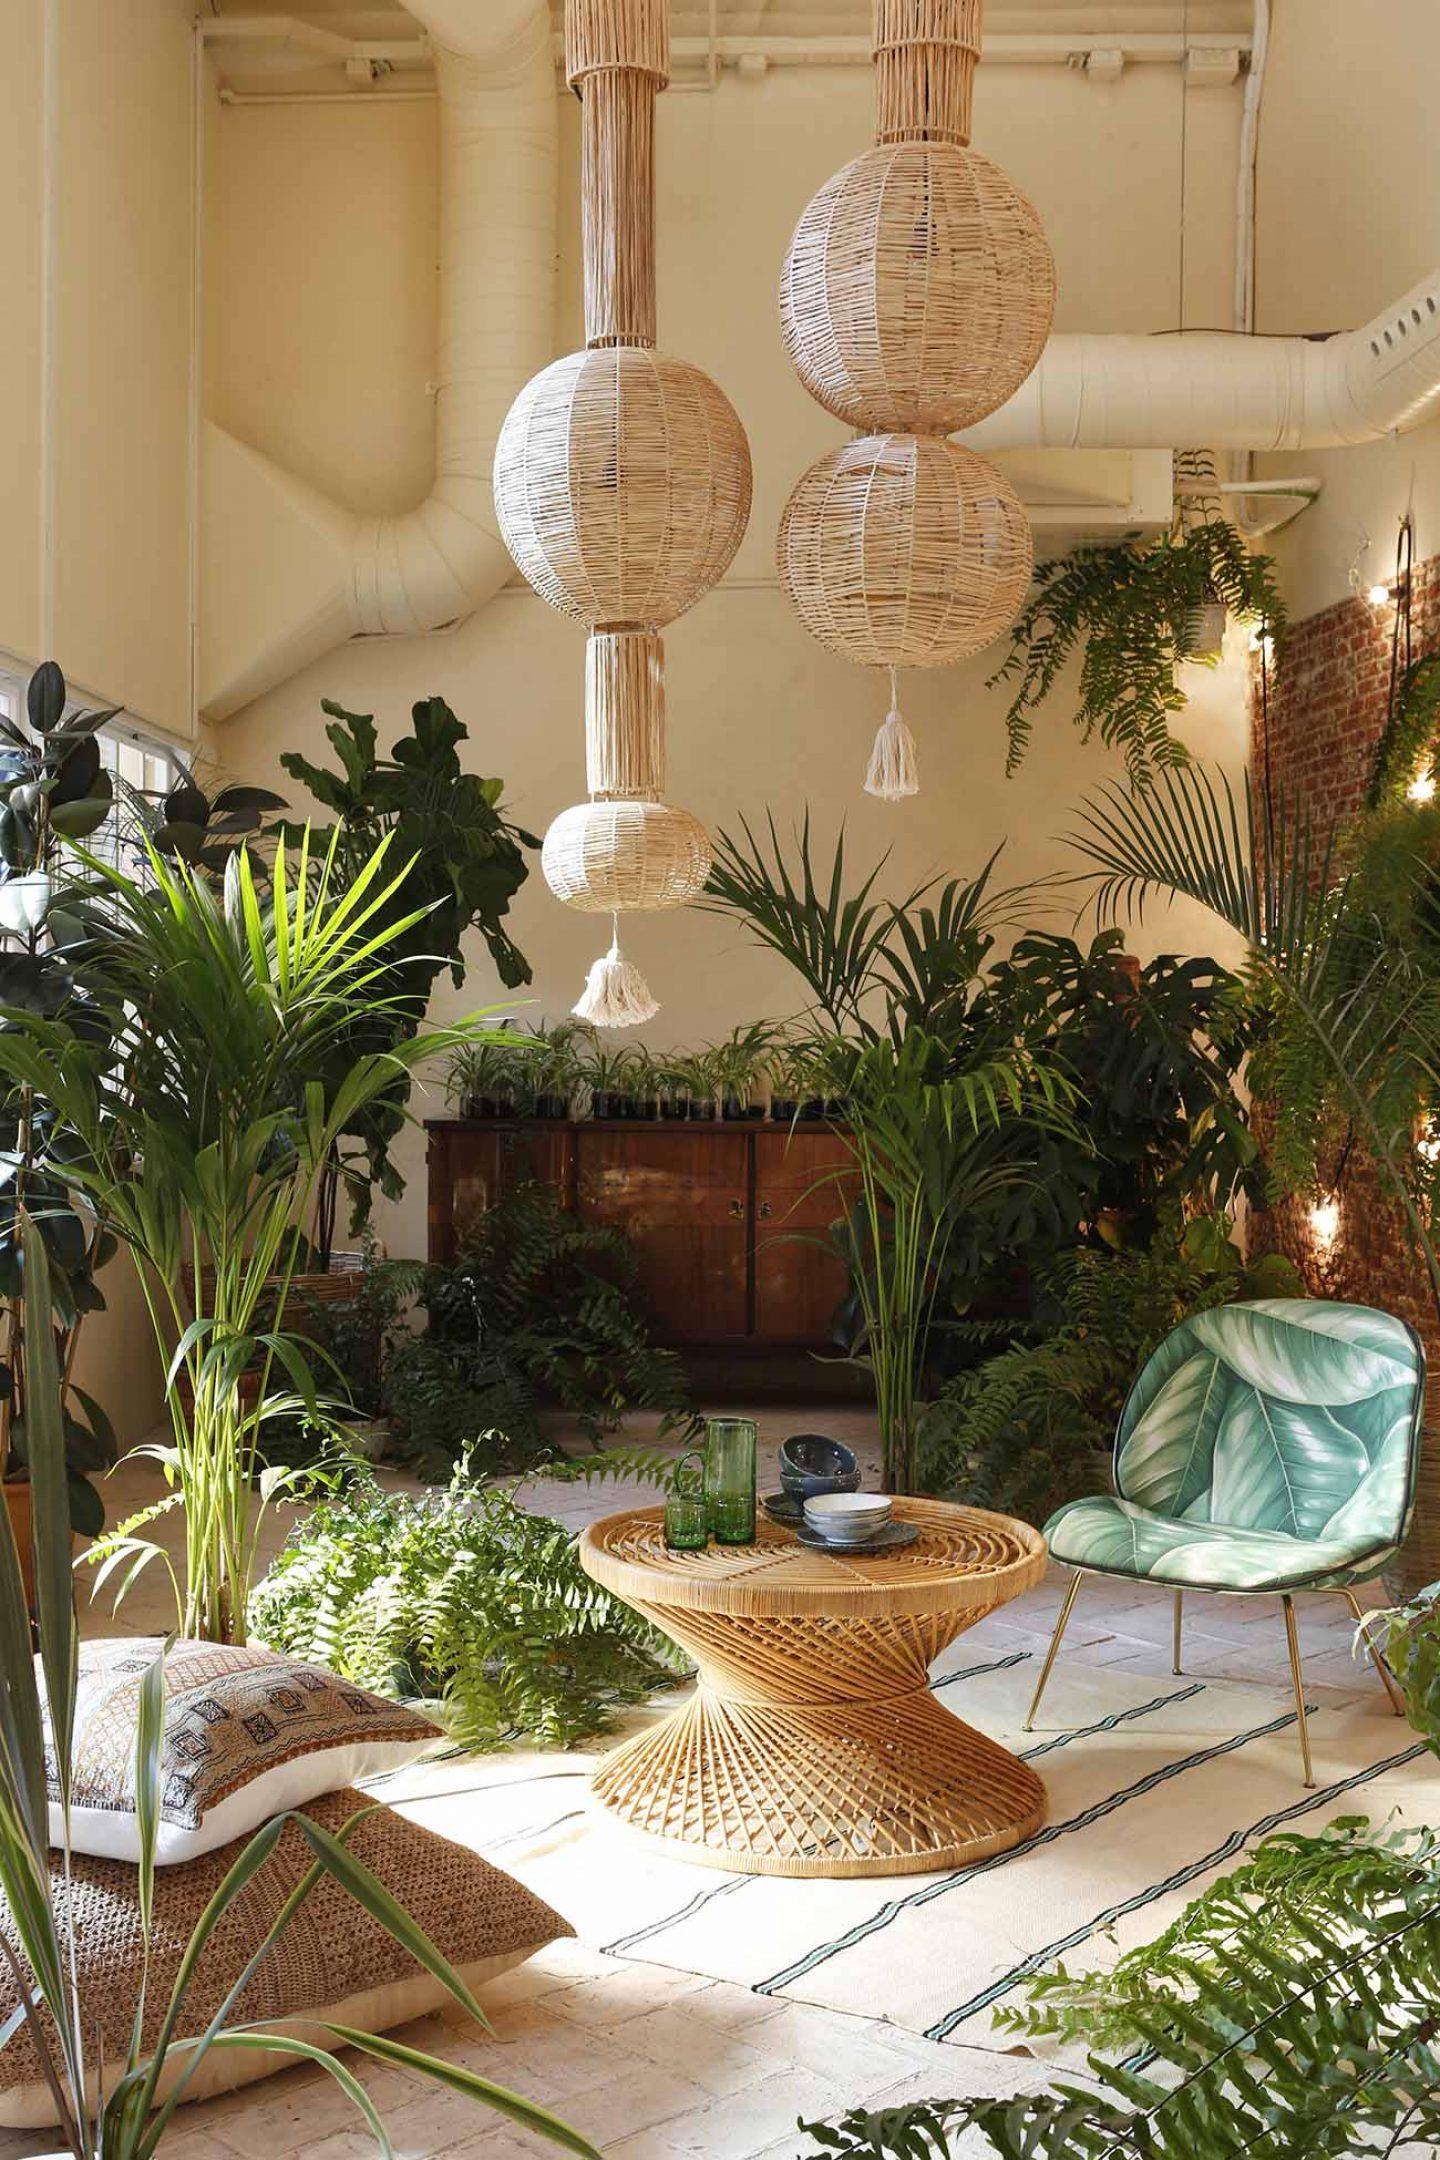 iGNANT_Architecture_Espacio_Nueva_Carolina_Cordero_Atelier_Sara_Uriarte_10